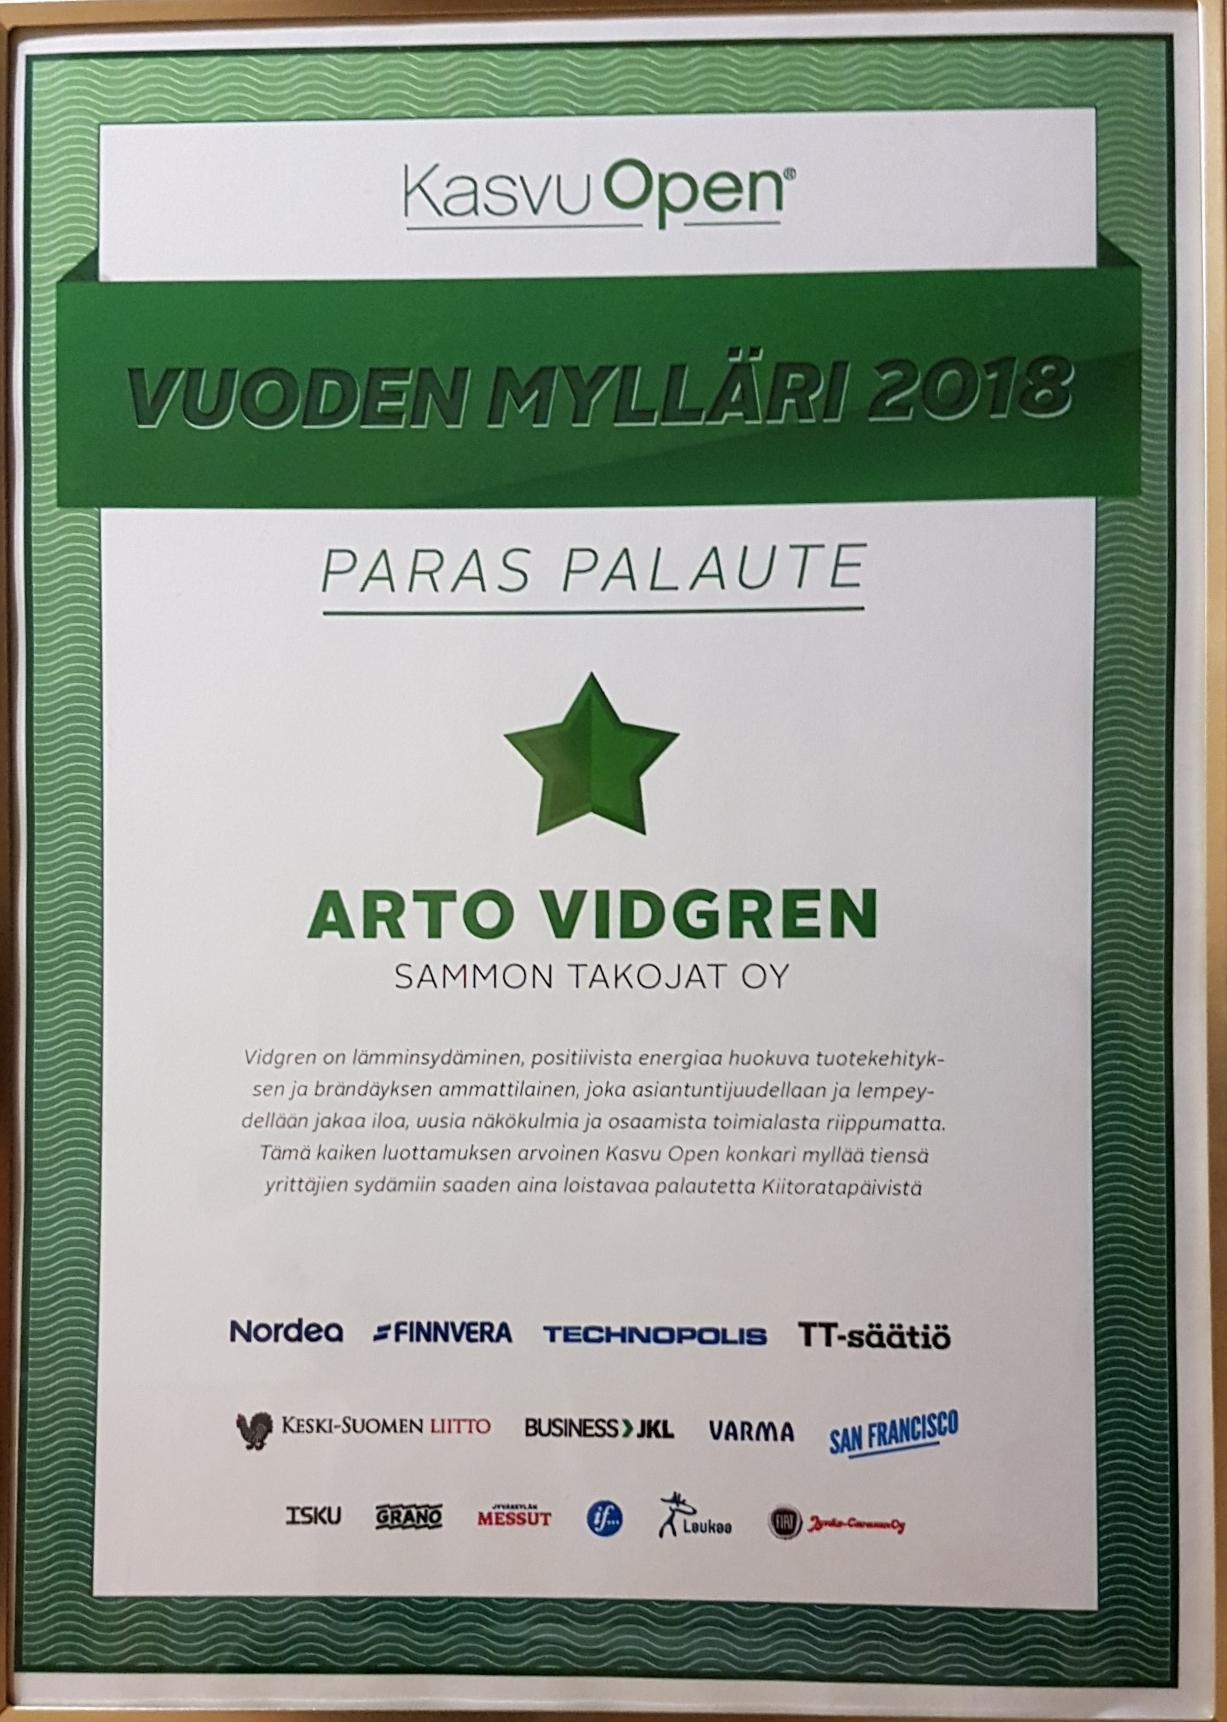 Arto Vidgren - 2018 Vuodne mylläri kunniakirja